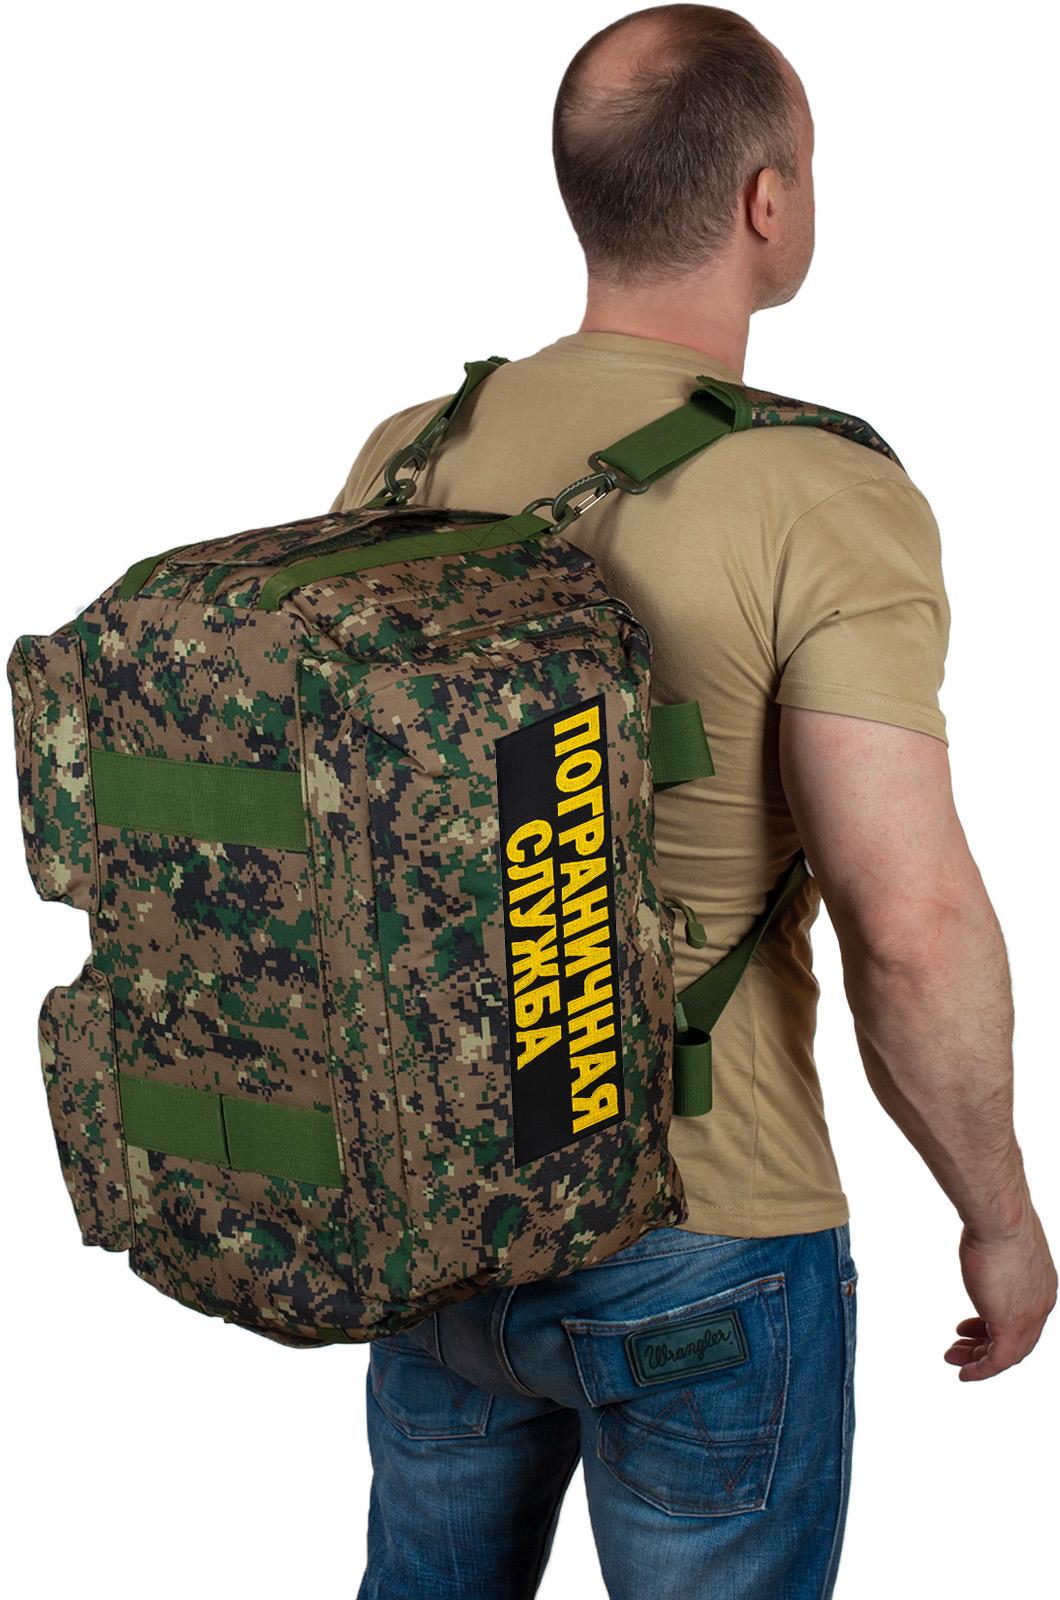 Купить дорожную тактическую сумку-баул с нашивкой ПС с доставкой или самовывозом